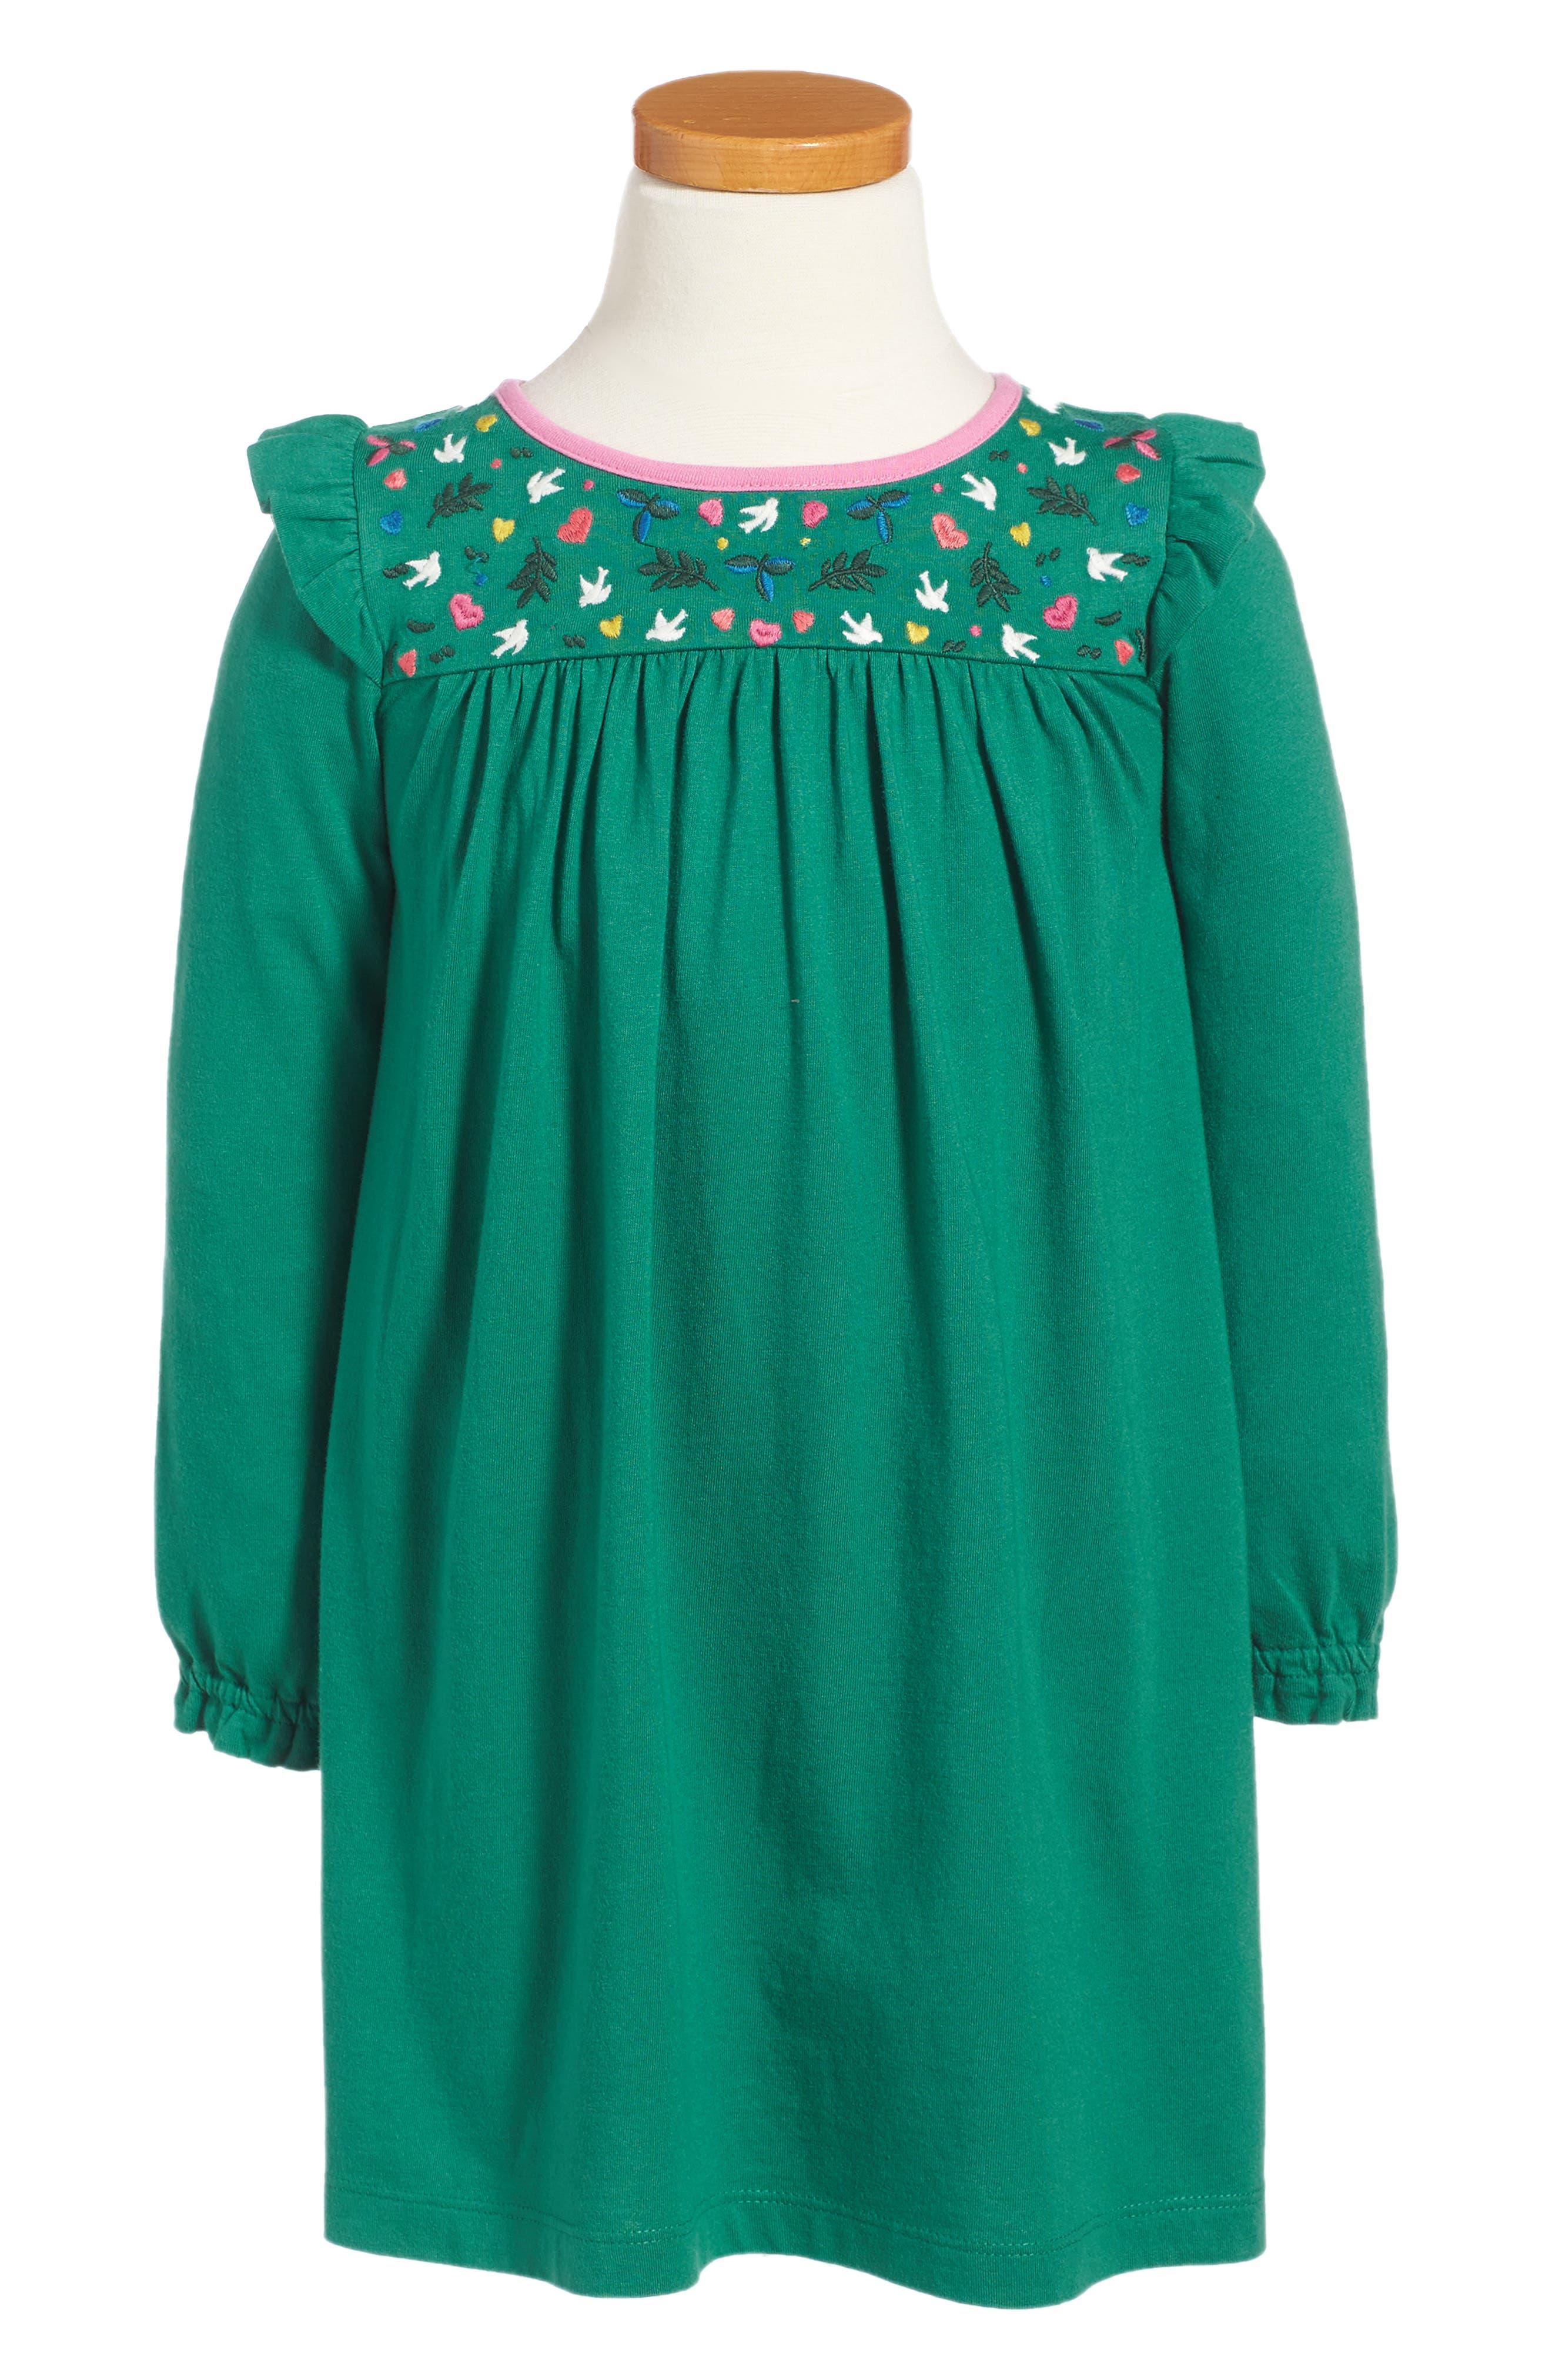 Main Image - Mini Boden Frill Jersey Dress (Toddler Girls, Little Girls & Big Girls)